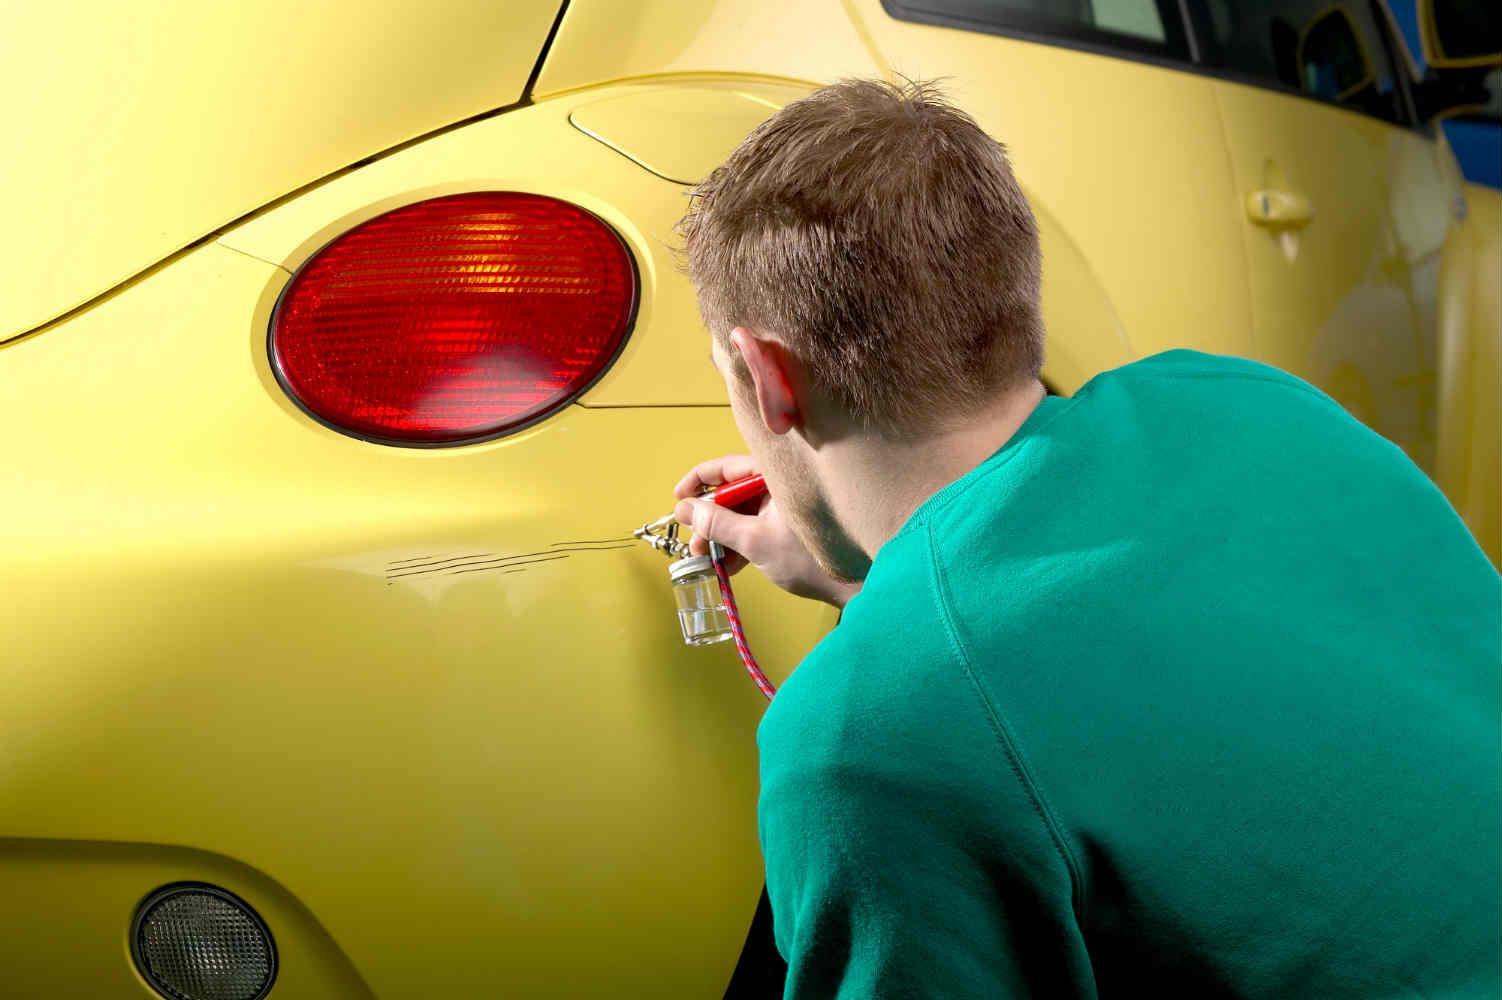 astuces pour att nuer les rayures profondes d 39 une voiture